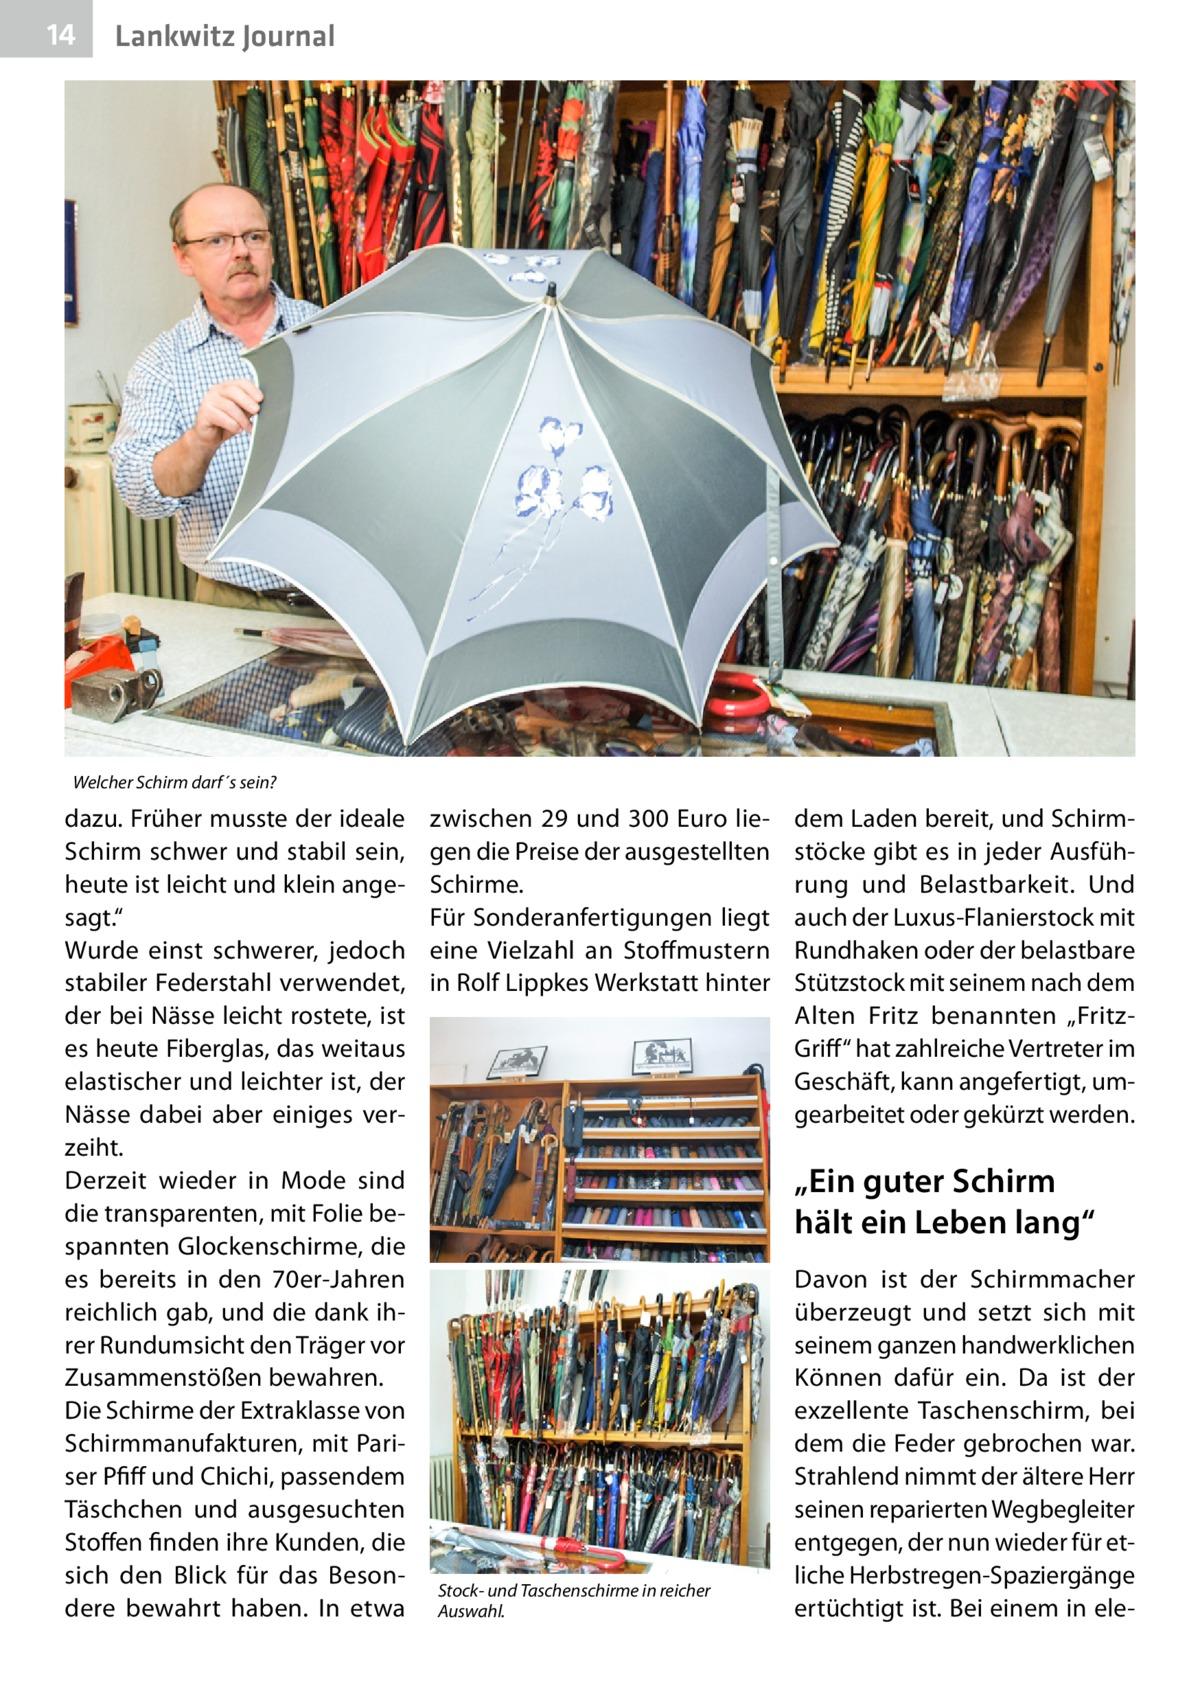 """14  Gesundheit Lankwitz Journal  Welcher Schirm darf´s sein?  dazu. Früher musste der ideale Schirm schwer und stabil sein, heute ist leicht und klein angesagt."""" Wurde einst schwerer, jedoch stabiler Federstahl verwendet, der bei Nässe leicht rostete, ist es heute Fiberglas, das weitaus elastischer und leichter ist, der Nässe dabei aber einiges verzeiht. Derzeit wieder in Mode sind die transparenten, mit Folie bespannten Glockenschirme, die es bereits in den 70er-Jahren reichlich gab, und die dank ihrer Rundumsicht den Träger vor Zusammenstößen bewahren. Die Schirme der Extraklasse von Schirmmanufakturen, mit Pariser Pfiff und Chichi, passendem Täschchen und ausgesuchten Stoffen finden ihre Kunden, die sich den Blick für das Besondere bewahrt haben. In etwa  zwischen 29 und 300Euro liegen die Preise der ausgestellten Schirme. Für Sonderanfertigungen liegt eine Vielzahl an Stoffmustern in Rolf Lippkes Werkstatt hinter  dem Laden bereit, und Schirmstöcke gibt es in jeder Ausführung und Belastbarkeit. Und auch der Luxus-Flanierstock mit Rundhaken oder der belastbare Stützstock mit seinem nach dem Alten Fritz benannten """"FritzGriff"""" hat zahlreiche Vertreter im Geschäft, kann angefertigt, umgearbeitet oder gekürzt werden.  """"Ein guter Schirm hält ein Leben lang""""  Stock- und Taschenschirme in reicher Auswahl.  Davon ist der Schirmmacher überzeugt und setzt sich mit seinem ganzen handwerklichen Können dafür ein. Da ist der exzellente Taschenschirm, bei dem die Feder gebrochen war. Strahlend nimmt der ältere Herr seinen reparierten Wegbegleiter entgegen, der nun wieder für etliche Herbstregen-Spaziergänge ertüchtigt ist. Bei einem in el"""